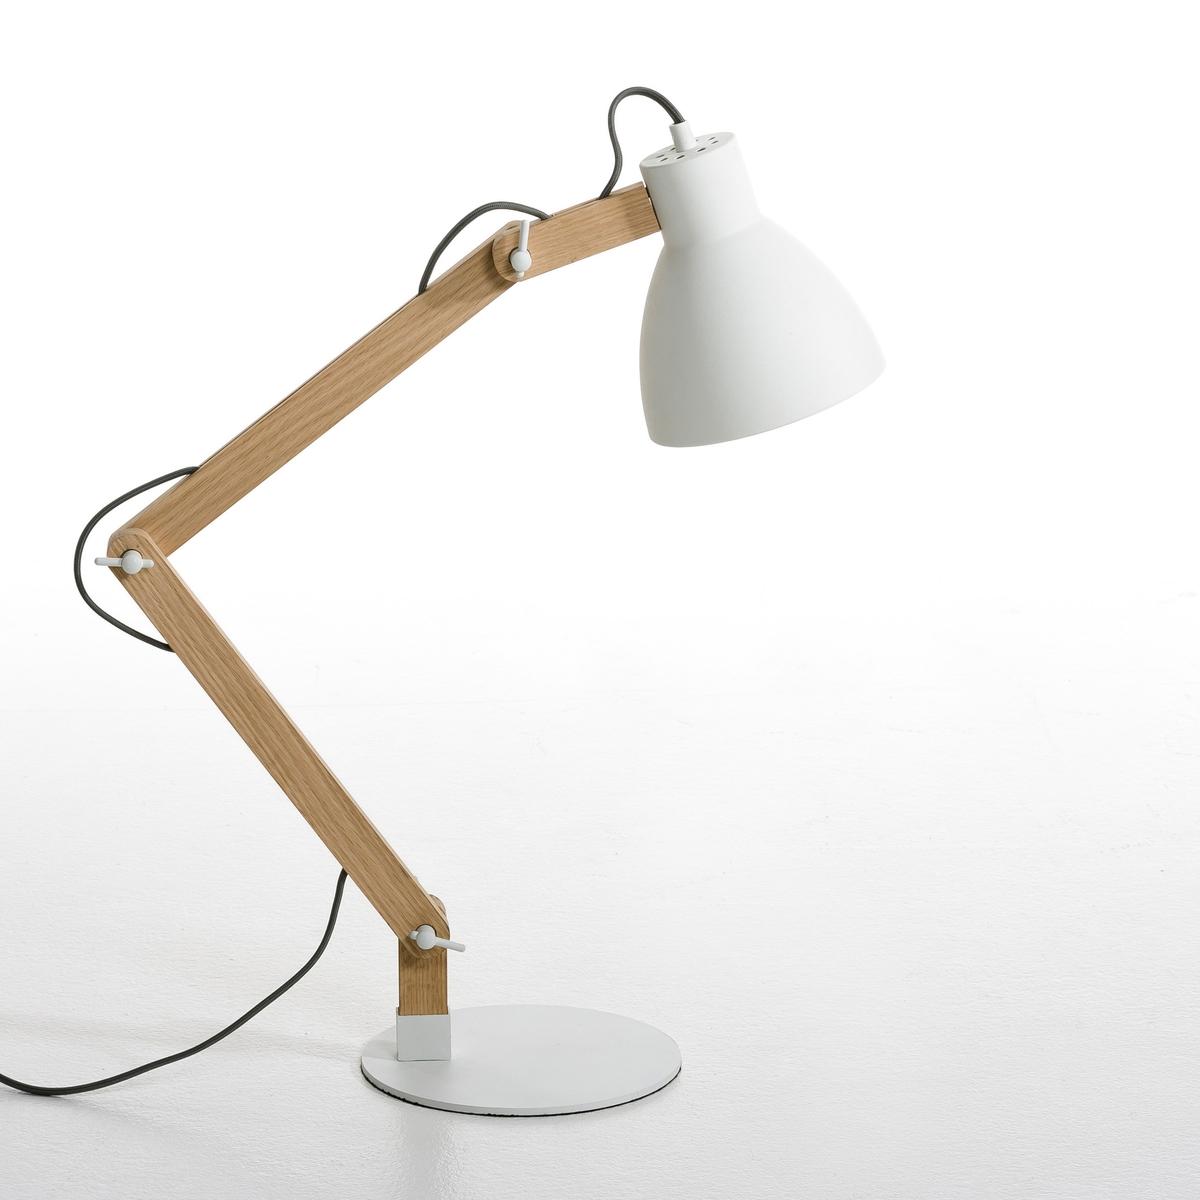 Лампа настольная ThaddeusПатрон E27 для флюокомпактной лампочки макс 20W (не входит в комплект)  . Размеры (в обычном положении). Д.45 x Г.20 см x высота ок.7 см.Этот светильник совместим с лампочками    энергетического класса   A .Это изделие может подойти для детской комнаты ( с 14 лет) в зависимости от действующих норм  .<br><br>Цвет: белый,розовый,хаки,черный<br>Размер: единый размер.единый размер